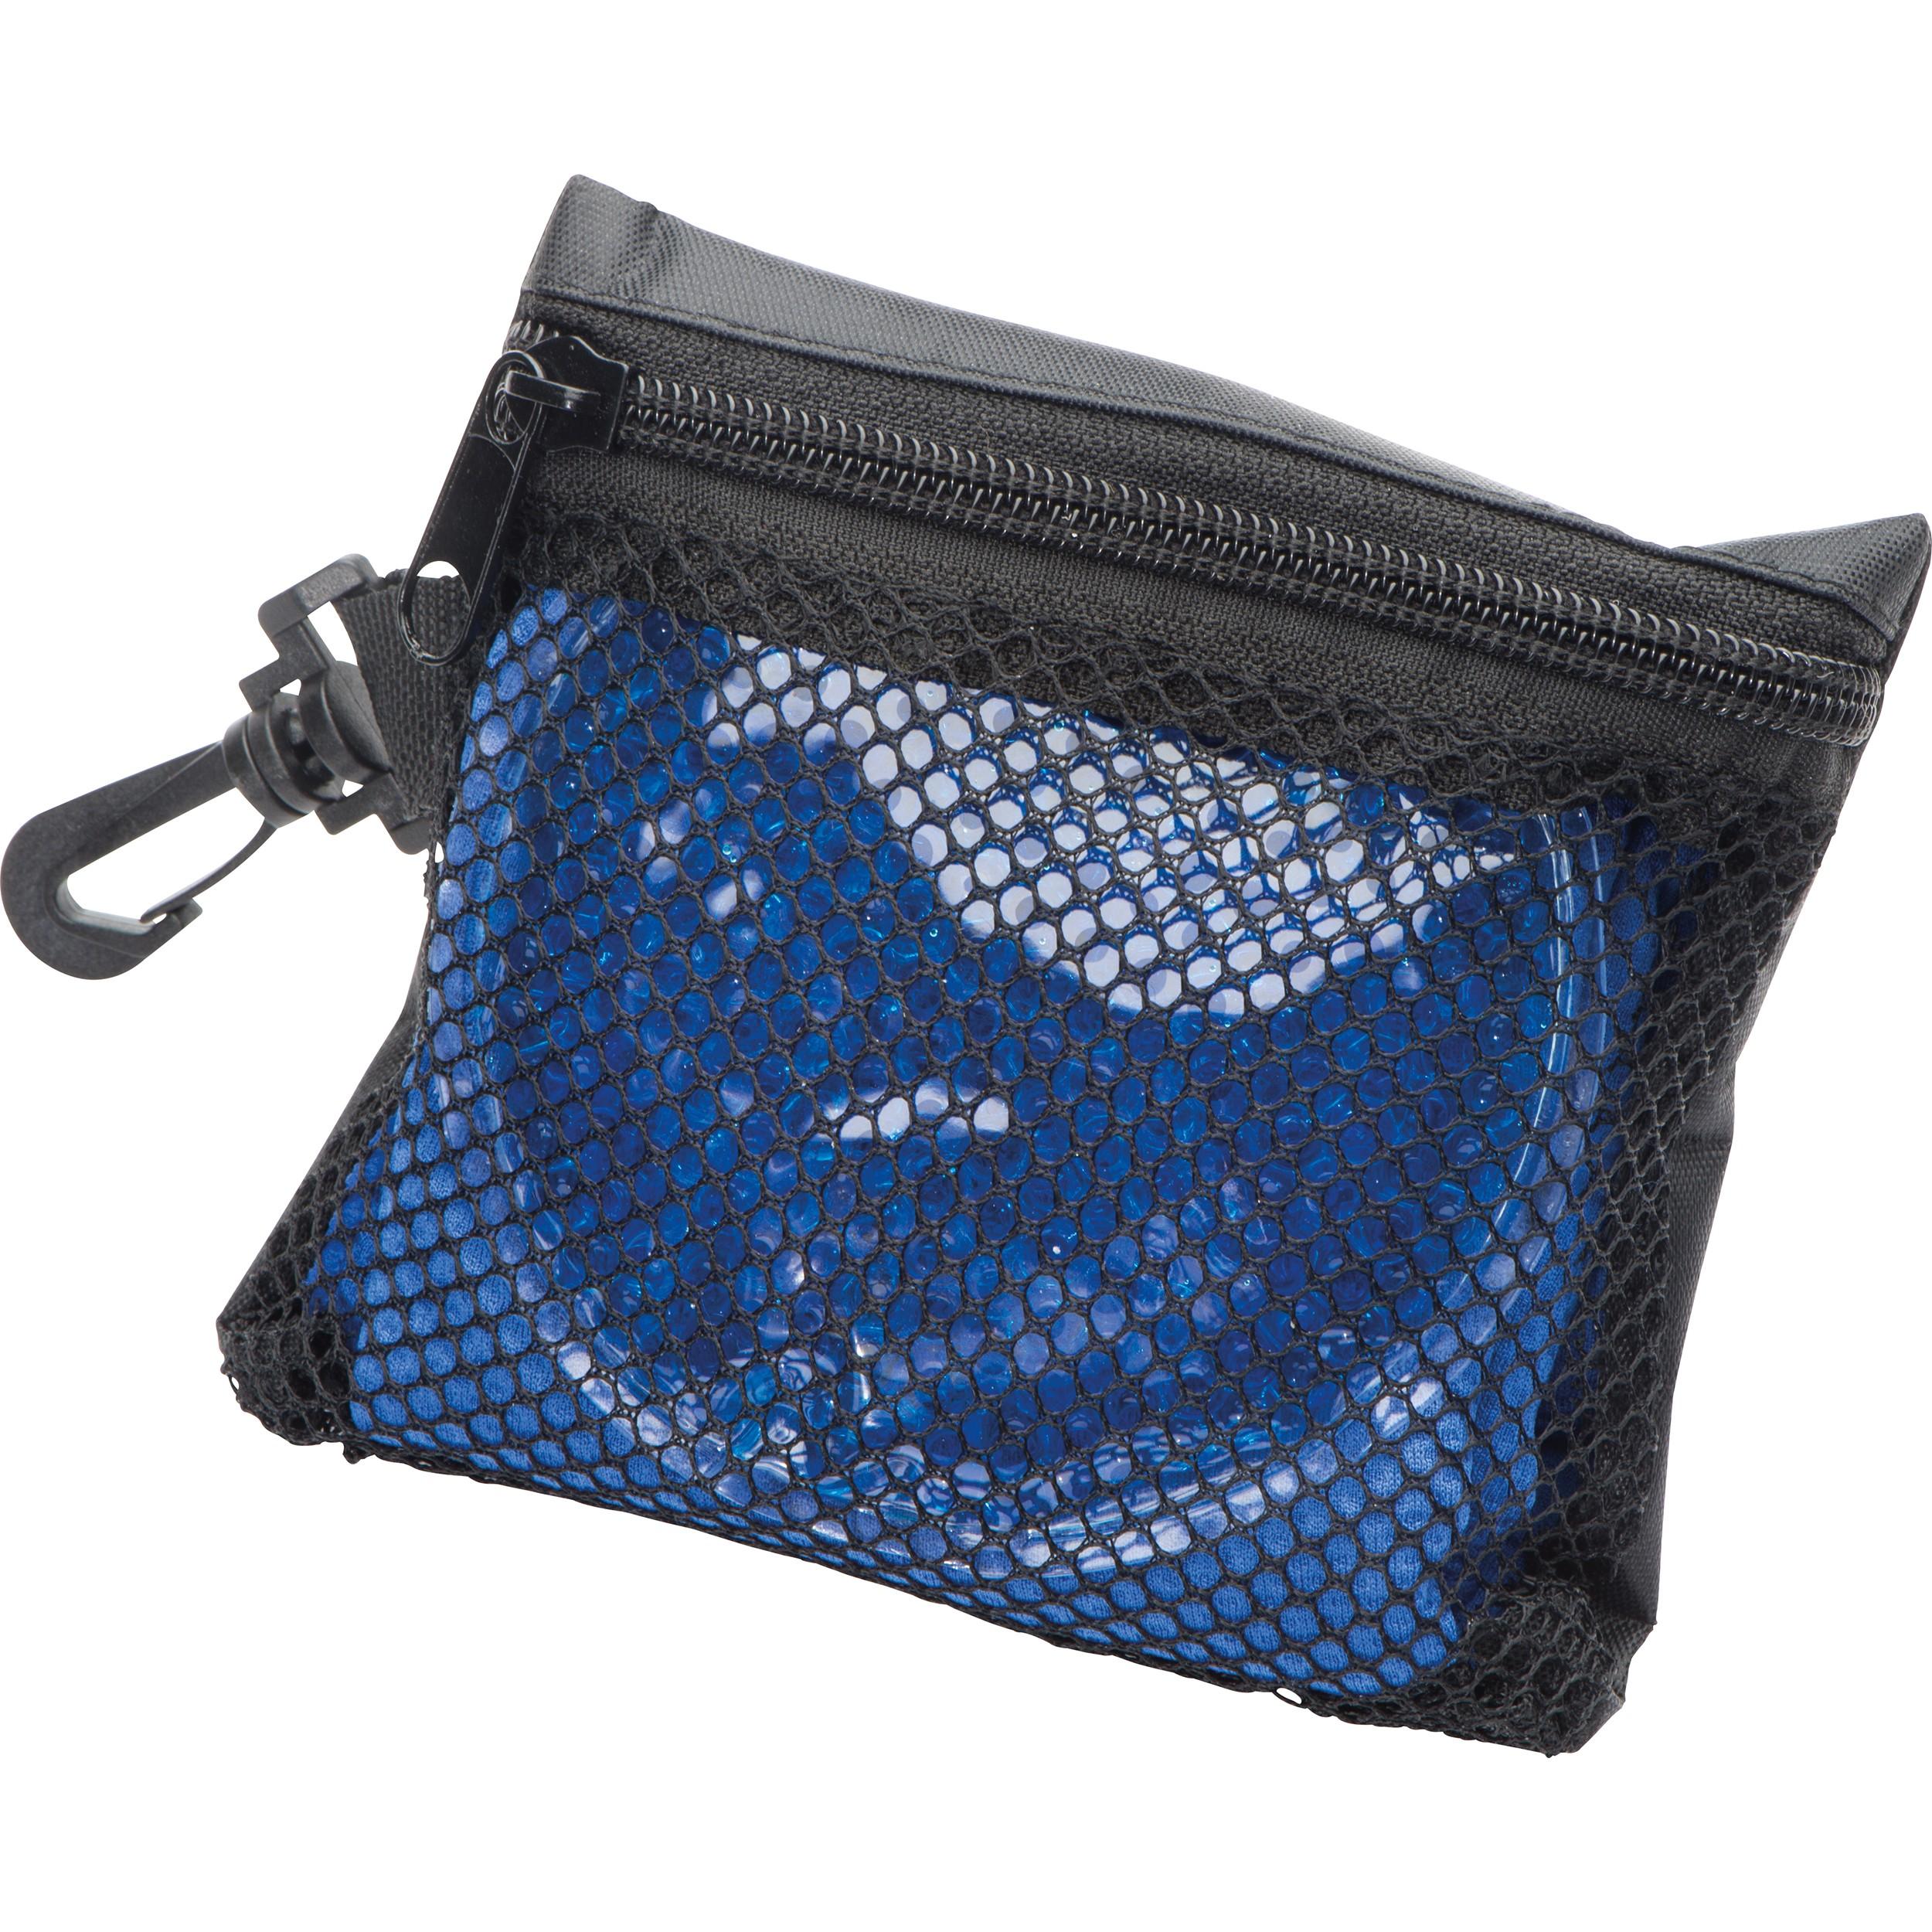 Sporthandtuch mit Kühlpad Amilly